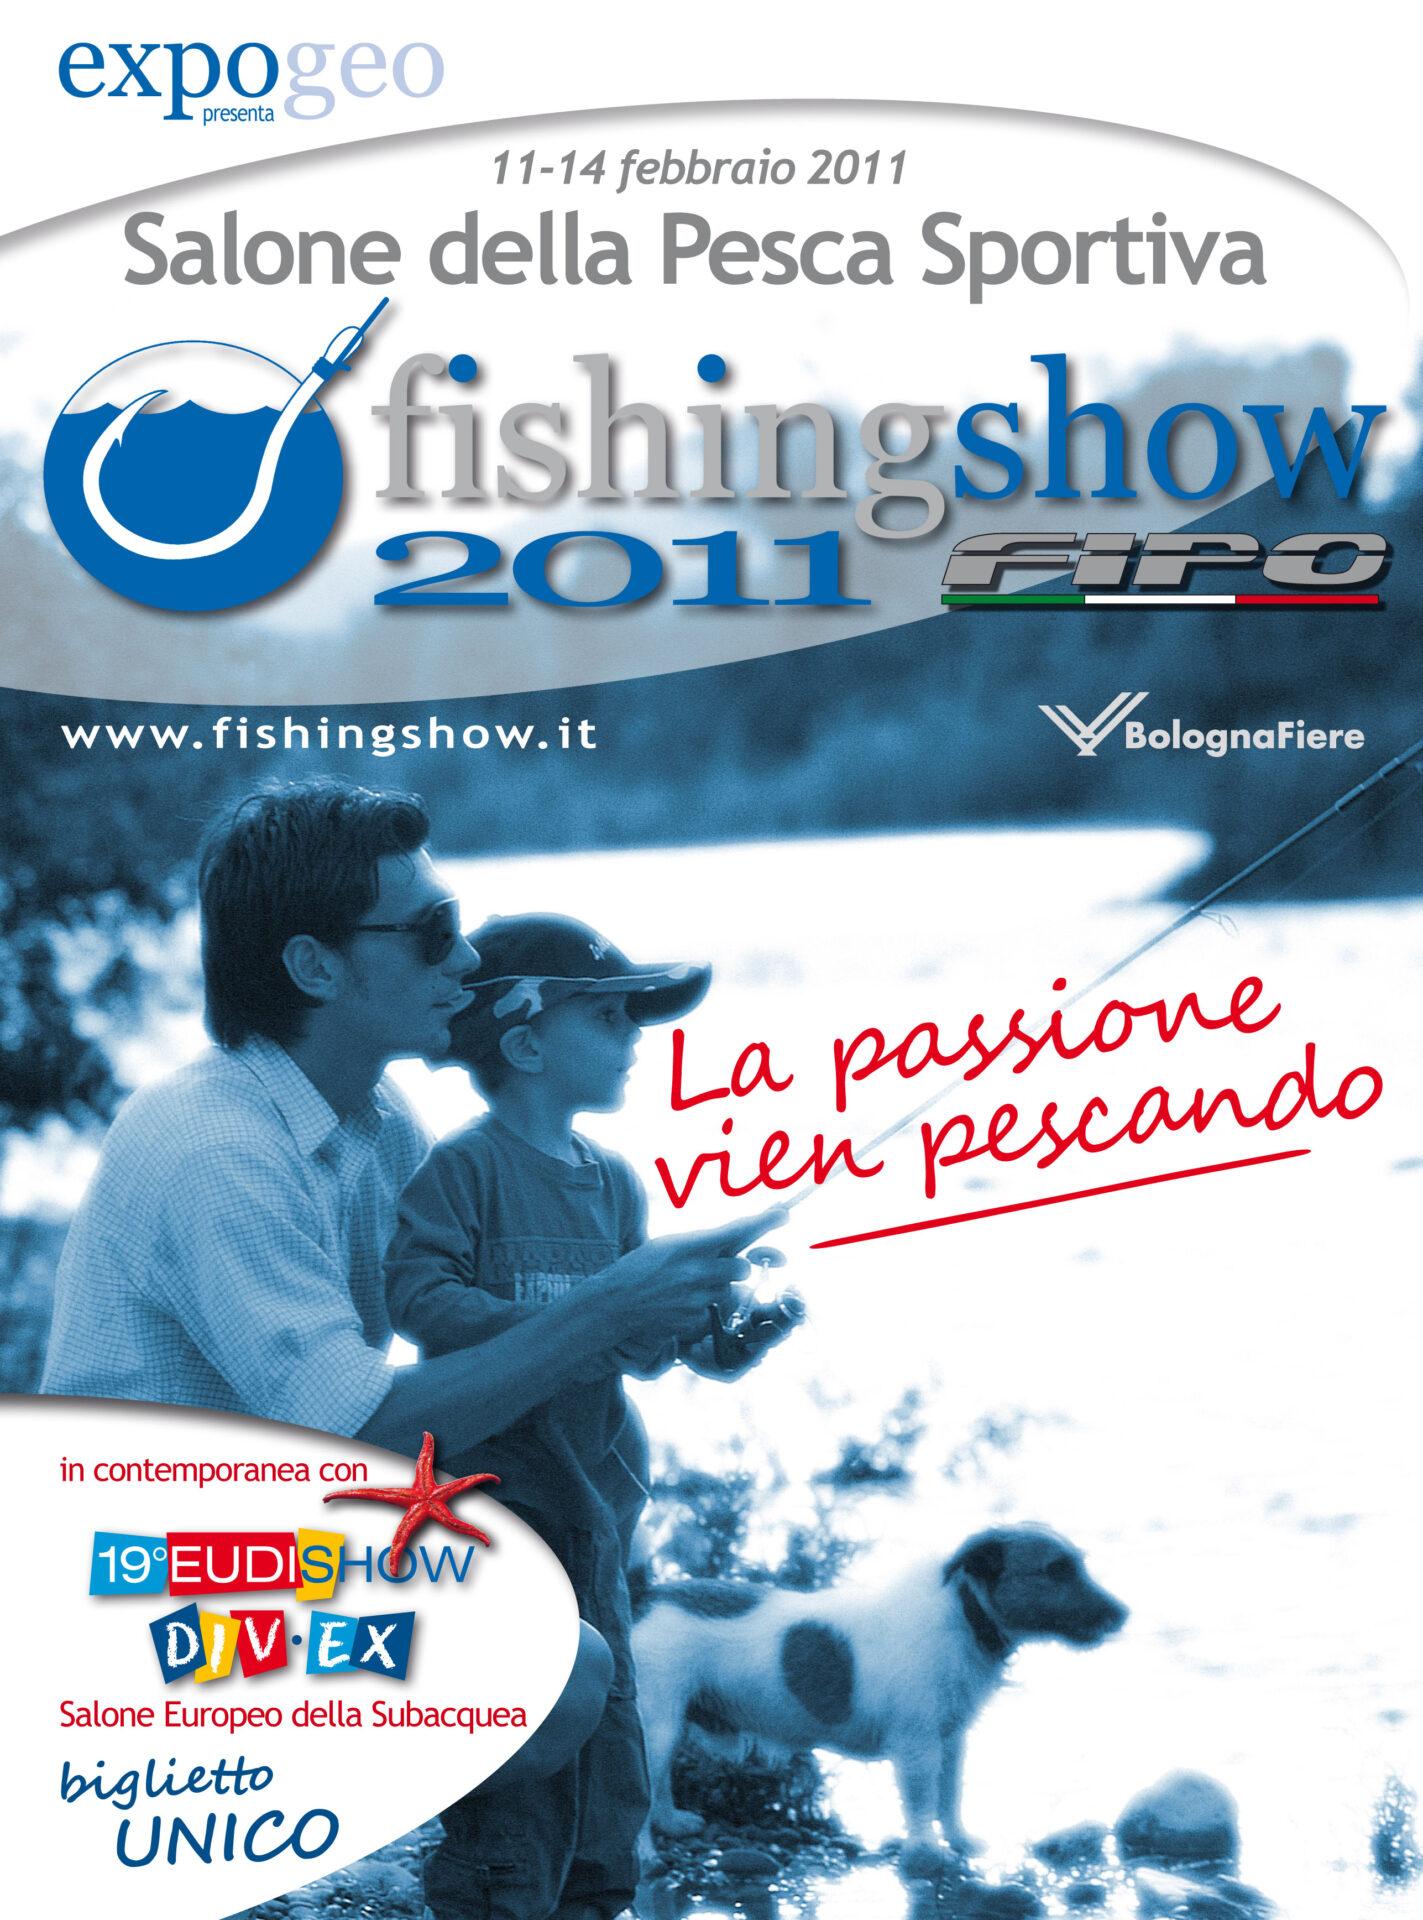 Sports Fishing Show 2011